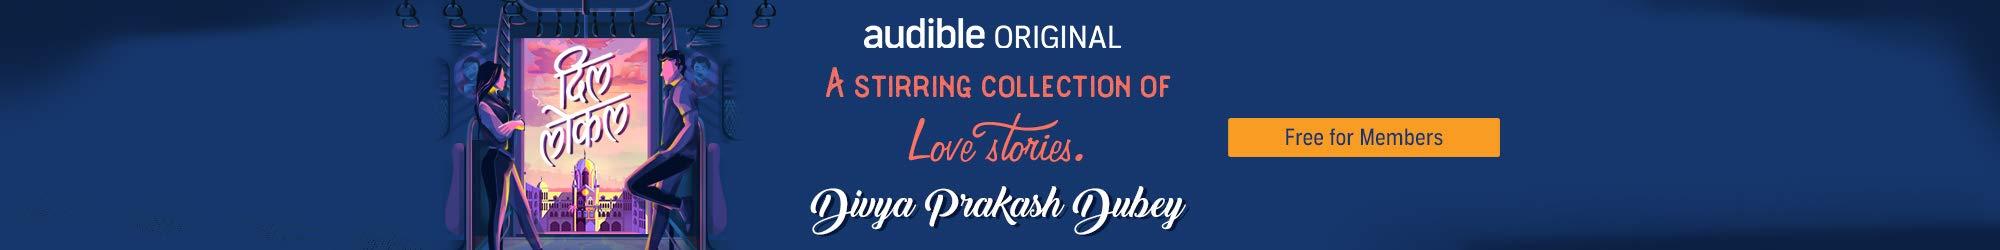 Audible Original - Dil Local by Divya Prakash Dubey, Free for members